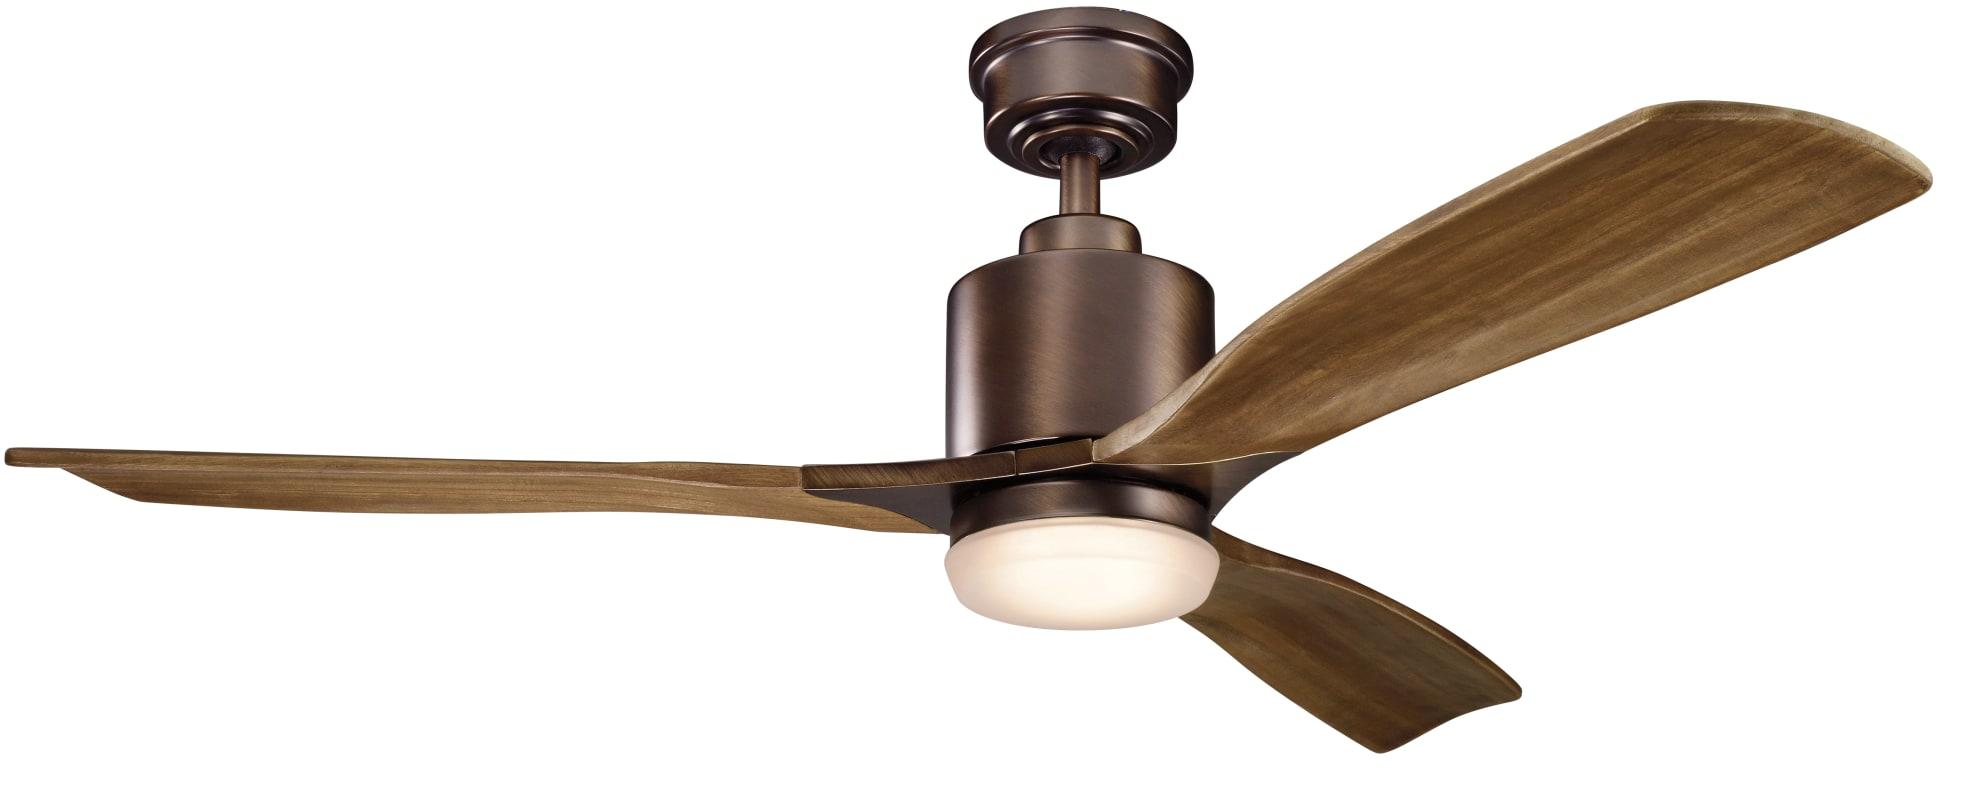 """Kichler 300027 52"""" Ridley II Ceiling Fan - Includes 3 Blades Wall"""